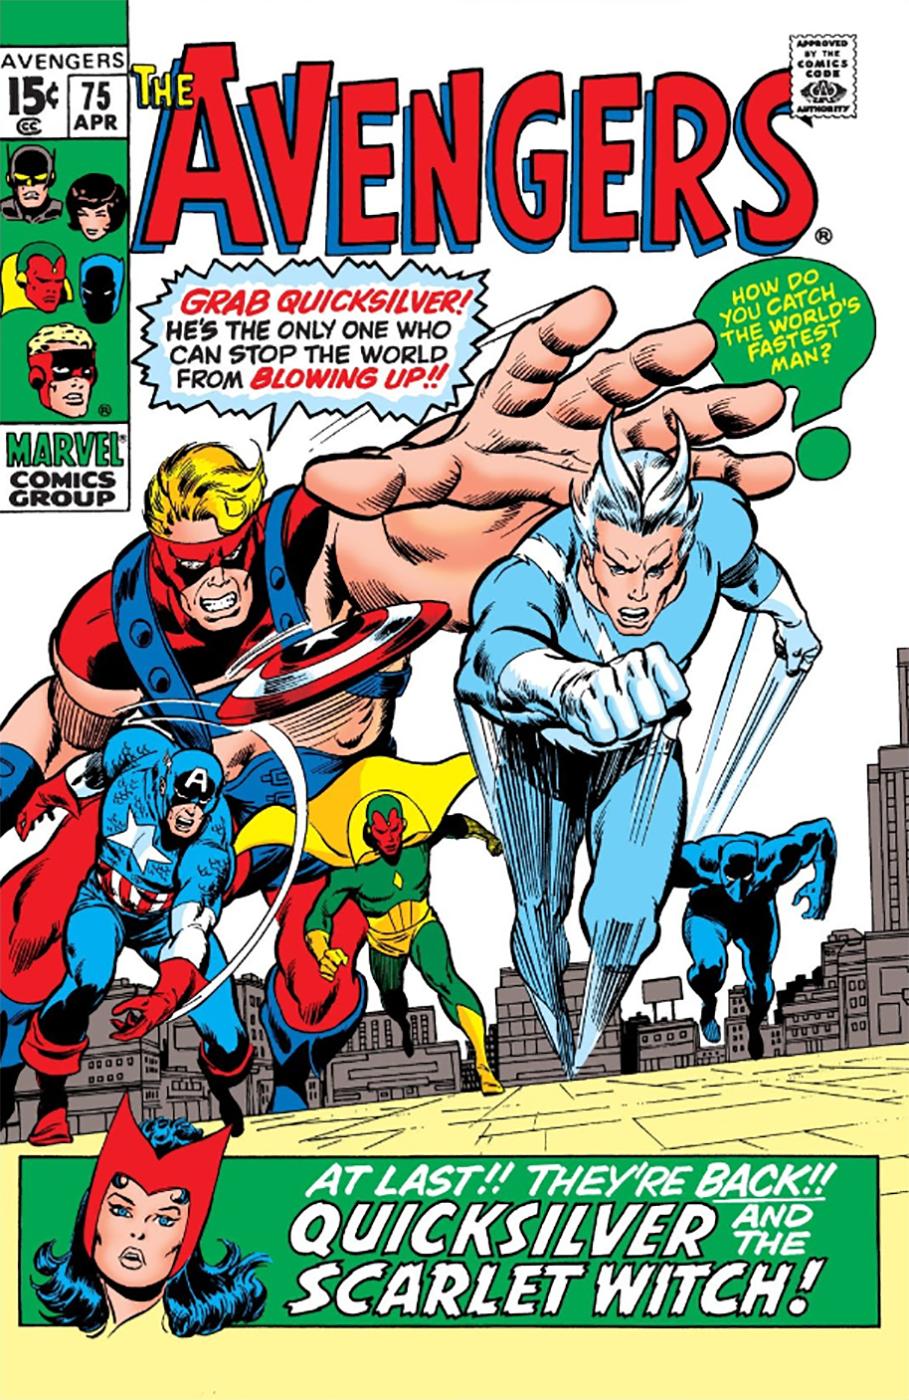 Avengers #75